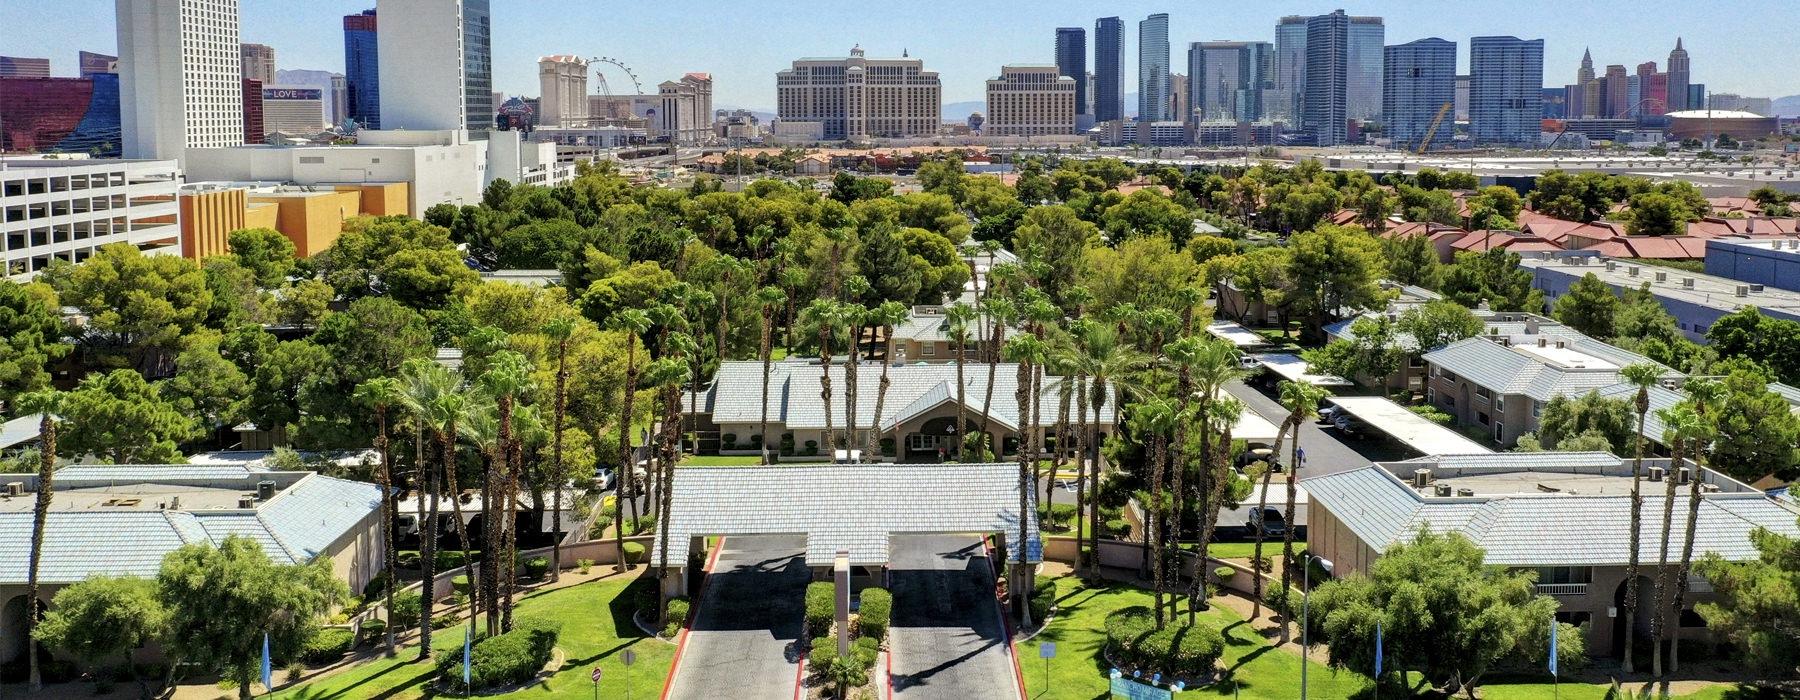 Rancho Mirage in Las Vegas, NV